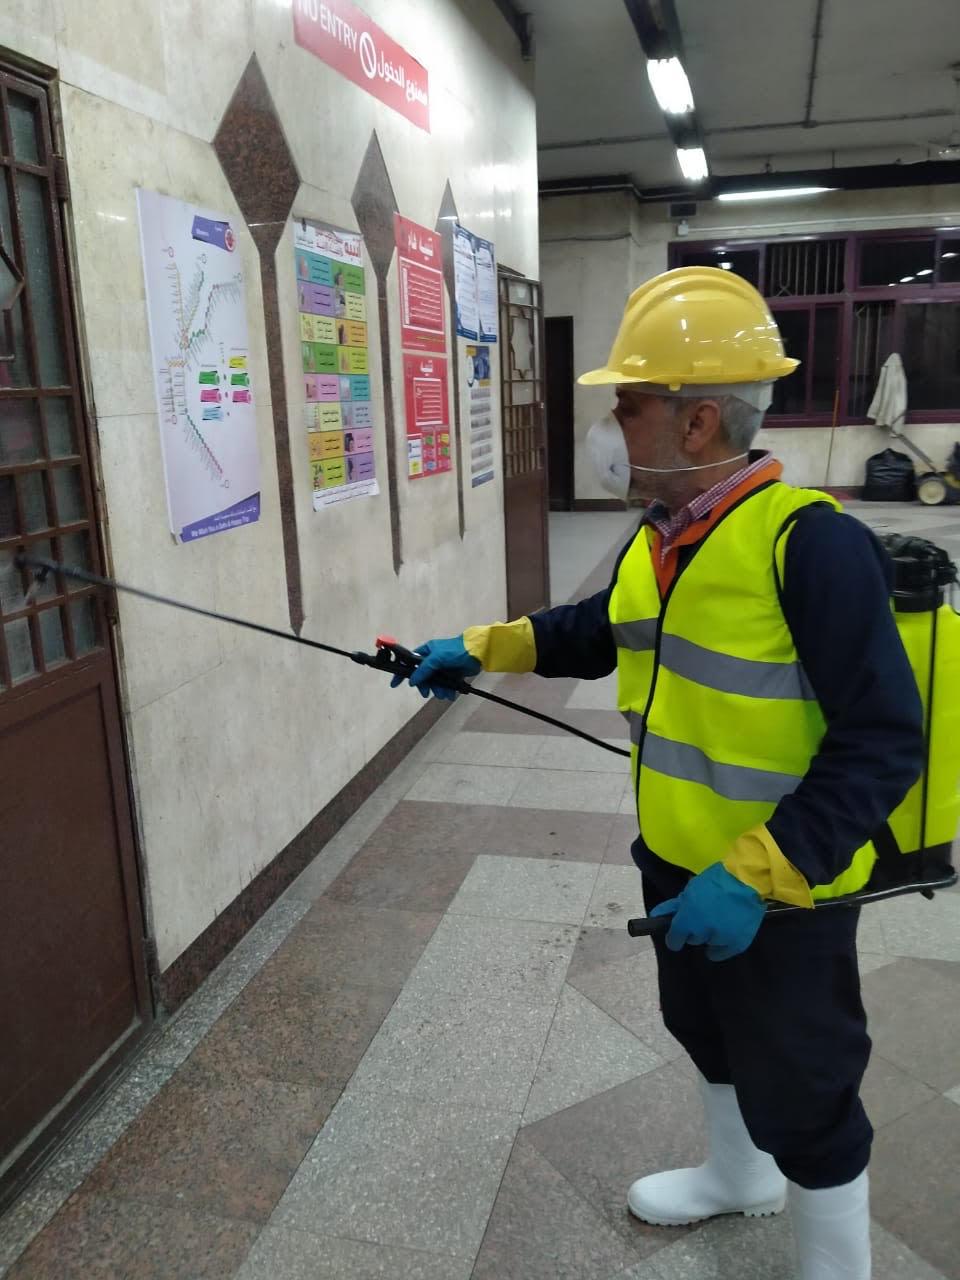 المترو يواصل أعمال تعقيم وتطهير القطارات والمحطات ضد كورونا (33)